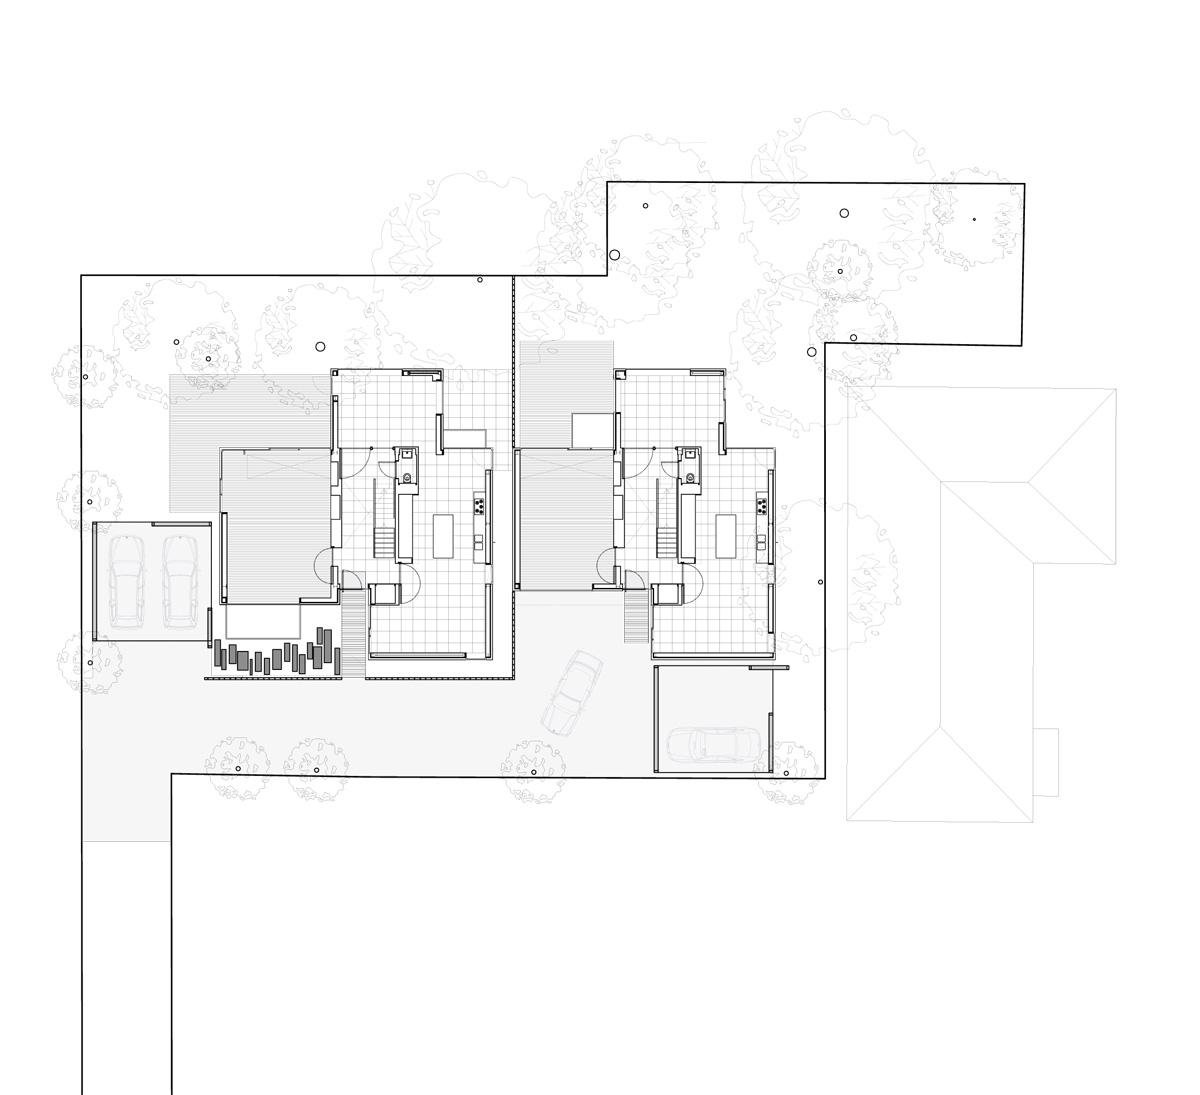 herringbone-sitio Site Plan